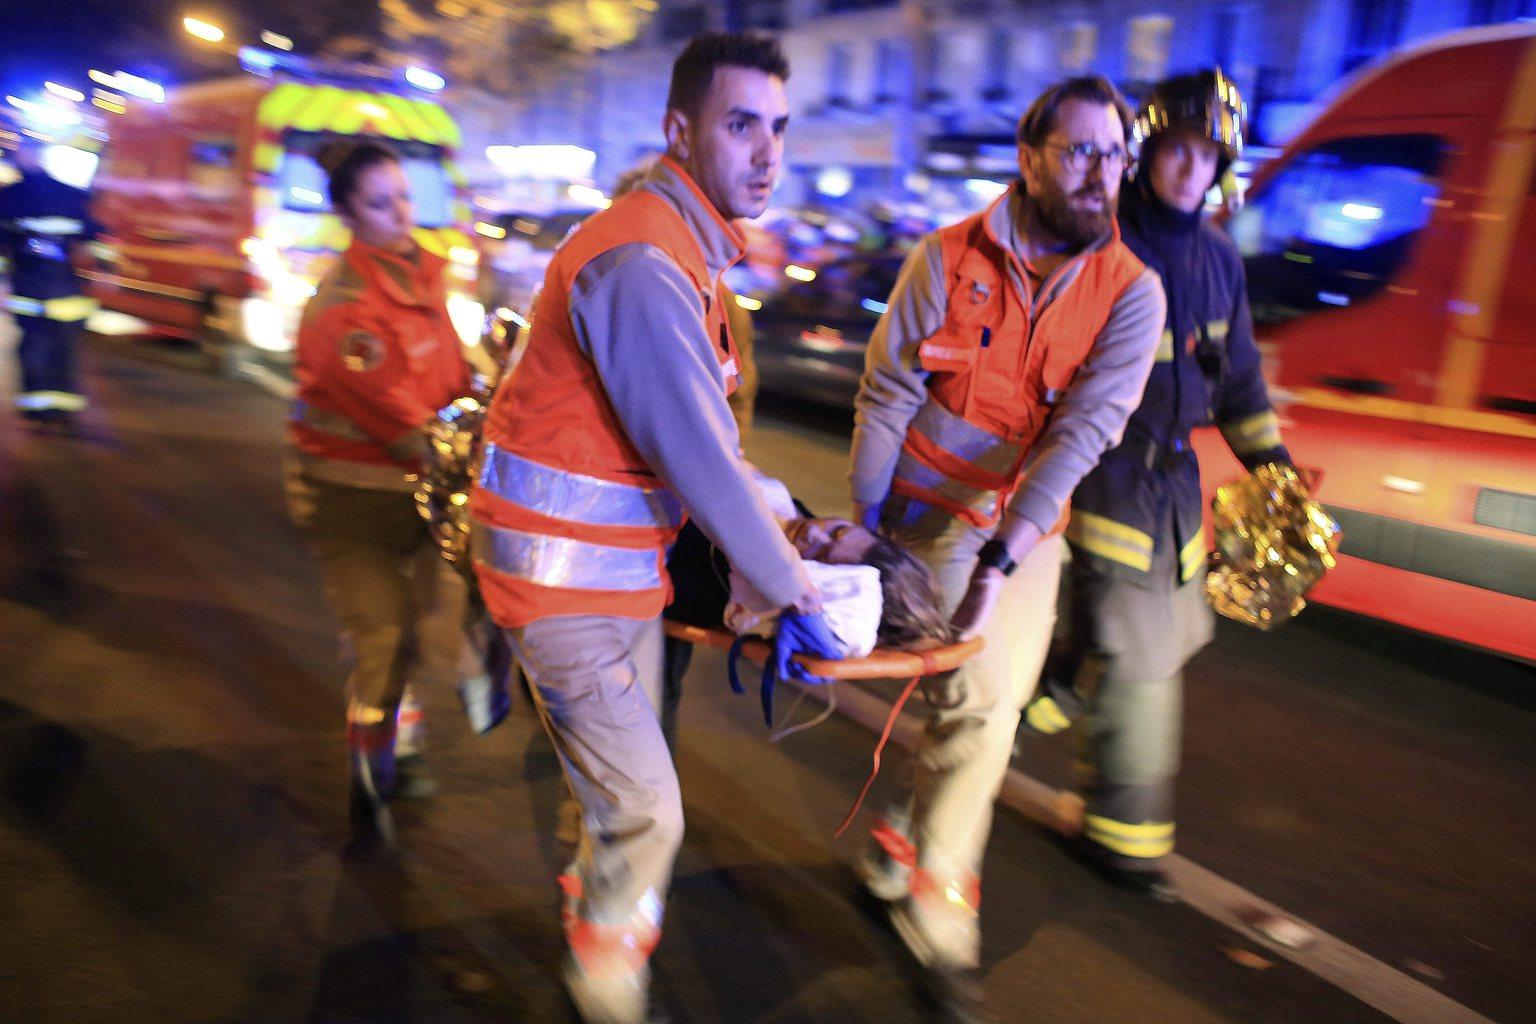 Párizs, 2015. november 14. Mentőalakulatok tagjai menekítik ki a sebesülteket a párizsi Bataclan koncertteremből 2015. november 13-án. A francia fővárosban késő este összehangoltan több merényletet követtek el. A lövöldözésekben és robbanásokban legalább 140 ember meghalt, sokan megsebesültek. Francois Hollande francia elnök egész Franciaország területére rendkívüli állapotot hirdetett és bejelentette a határok lezárását. (MTI/AP/Thibault Camus)